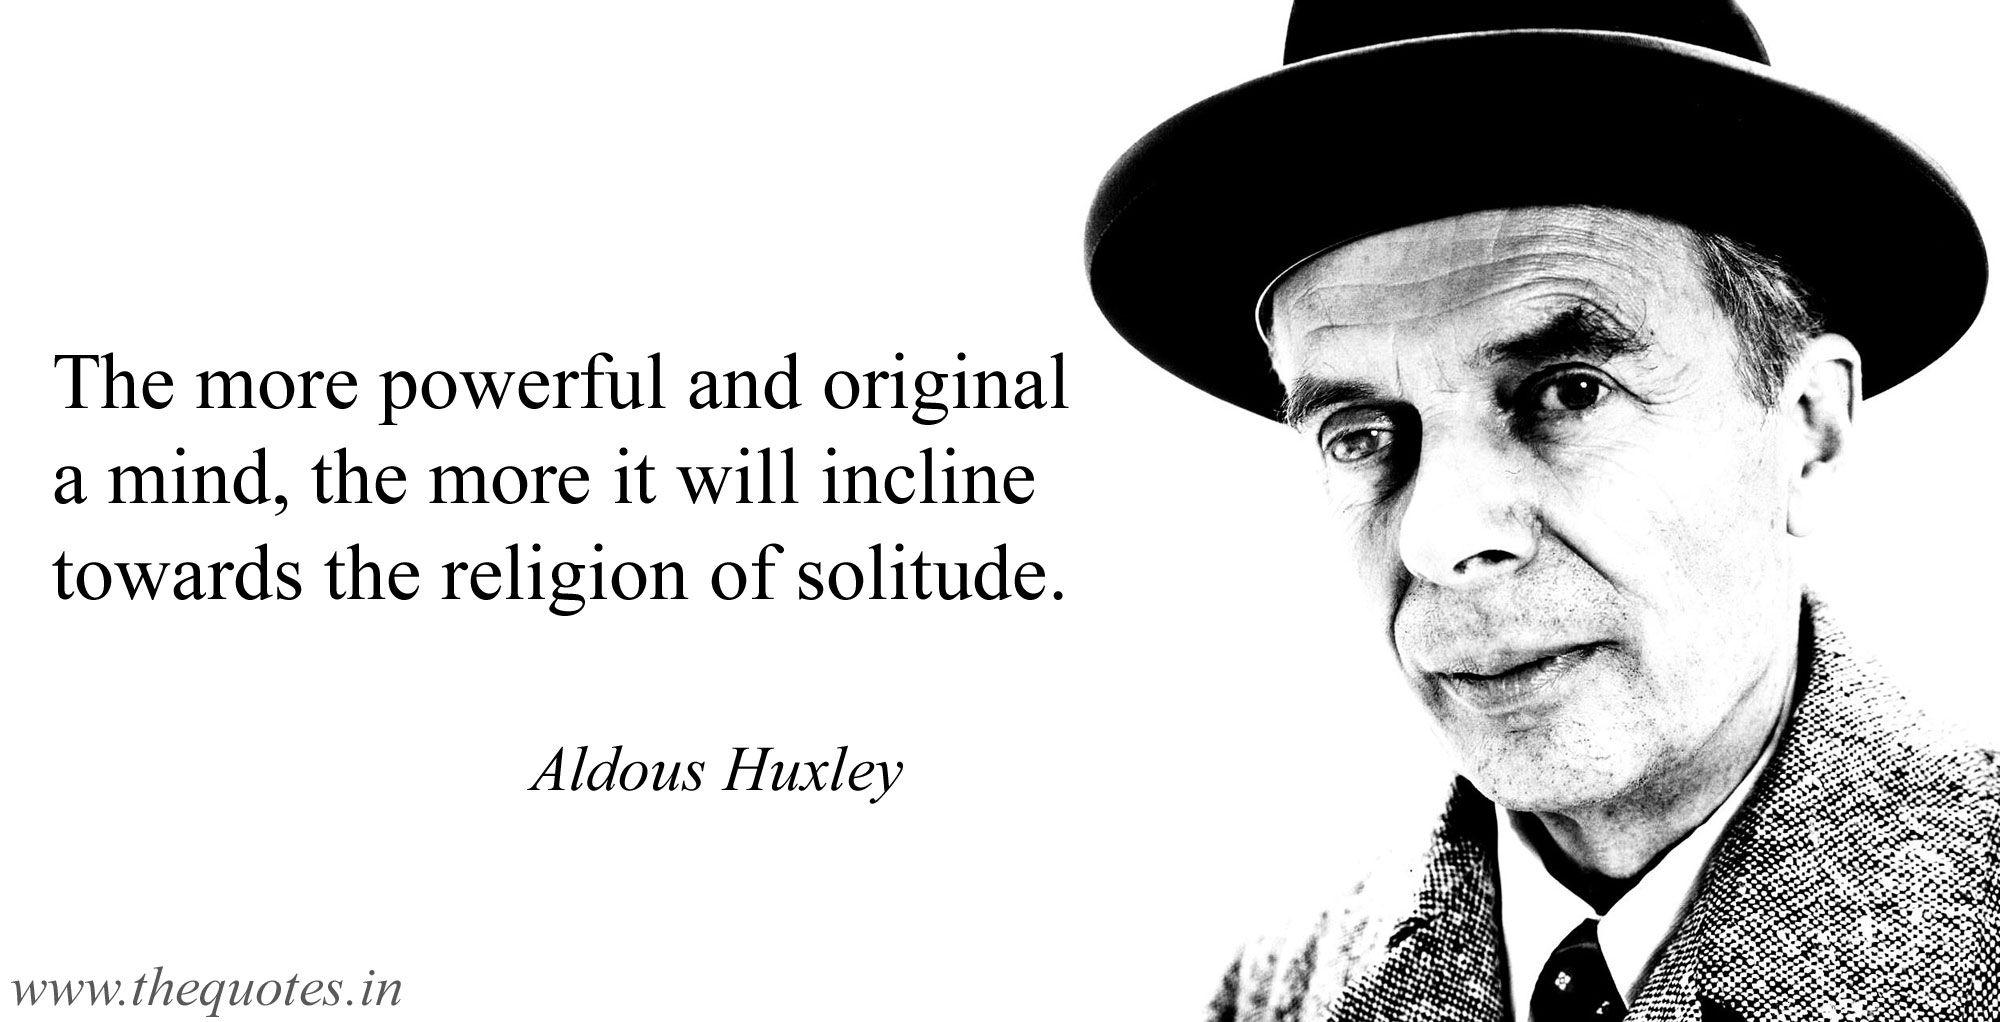 aldous huxley influences